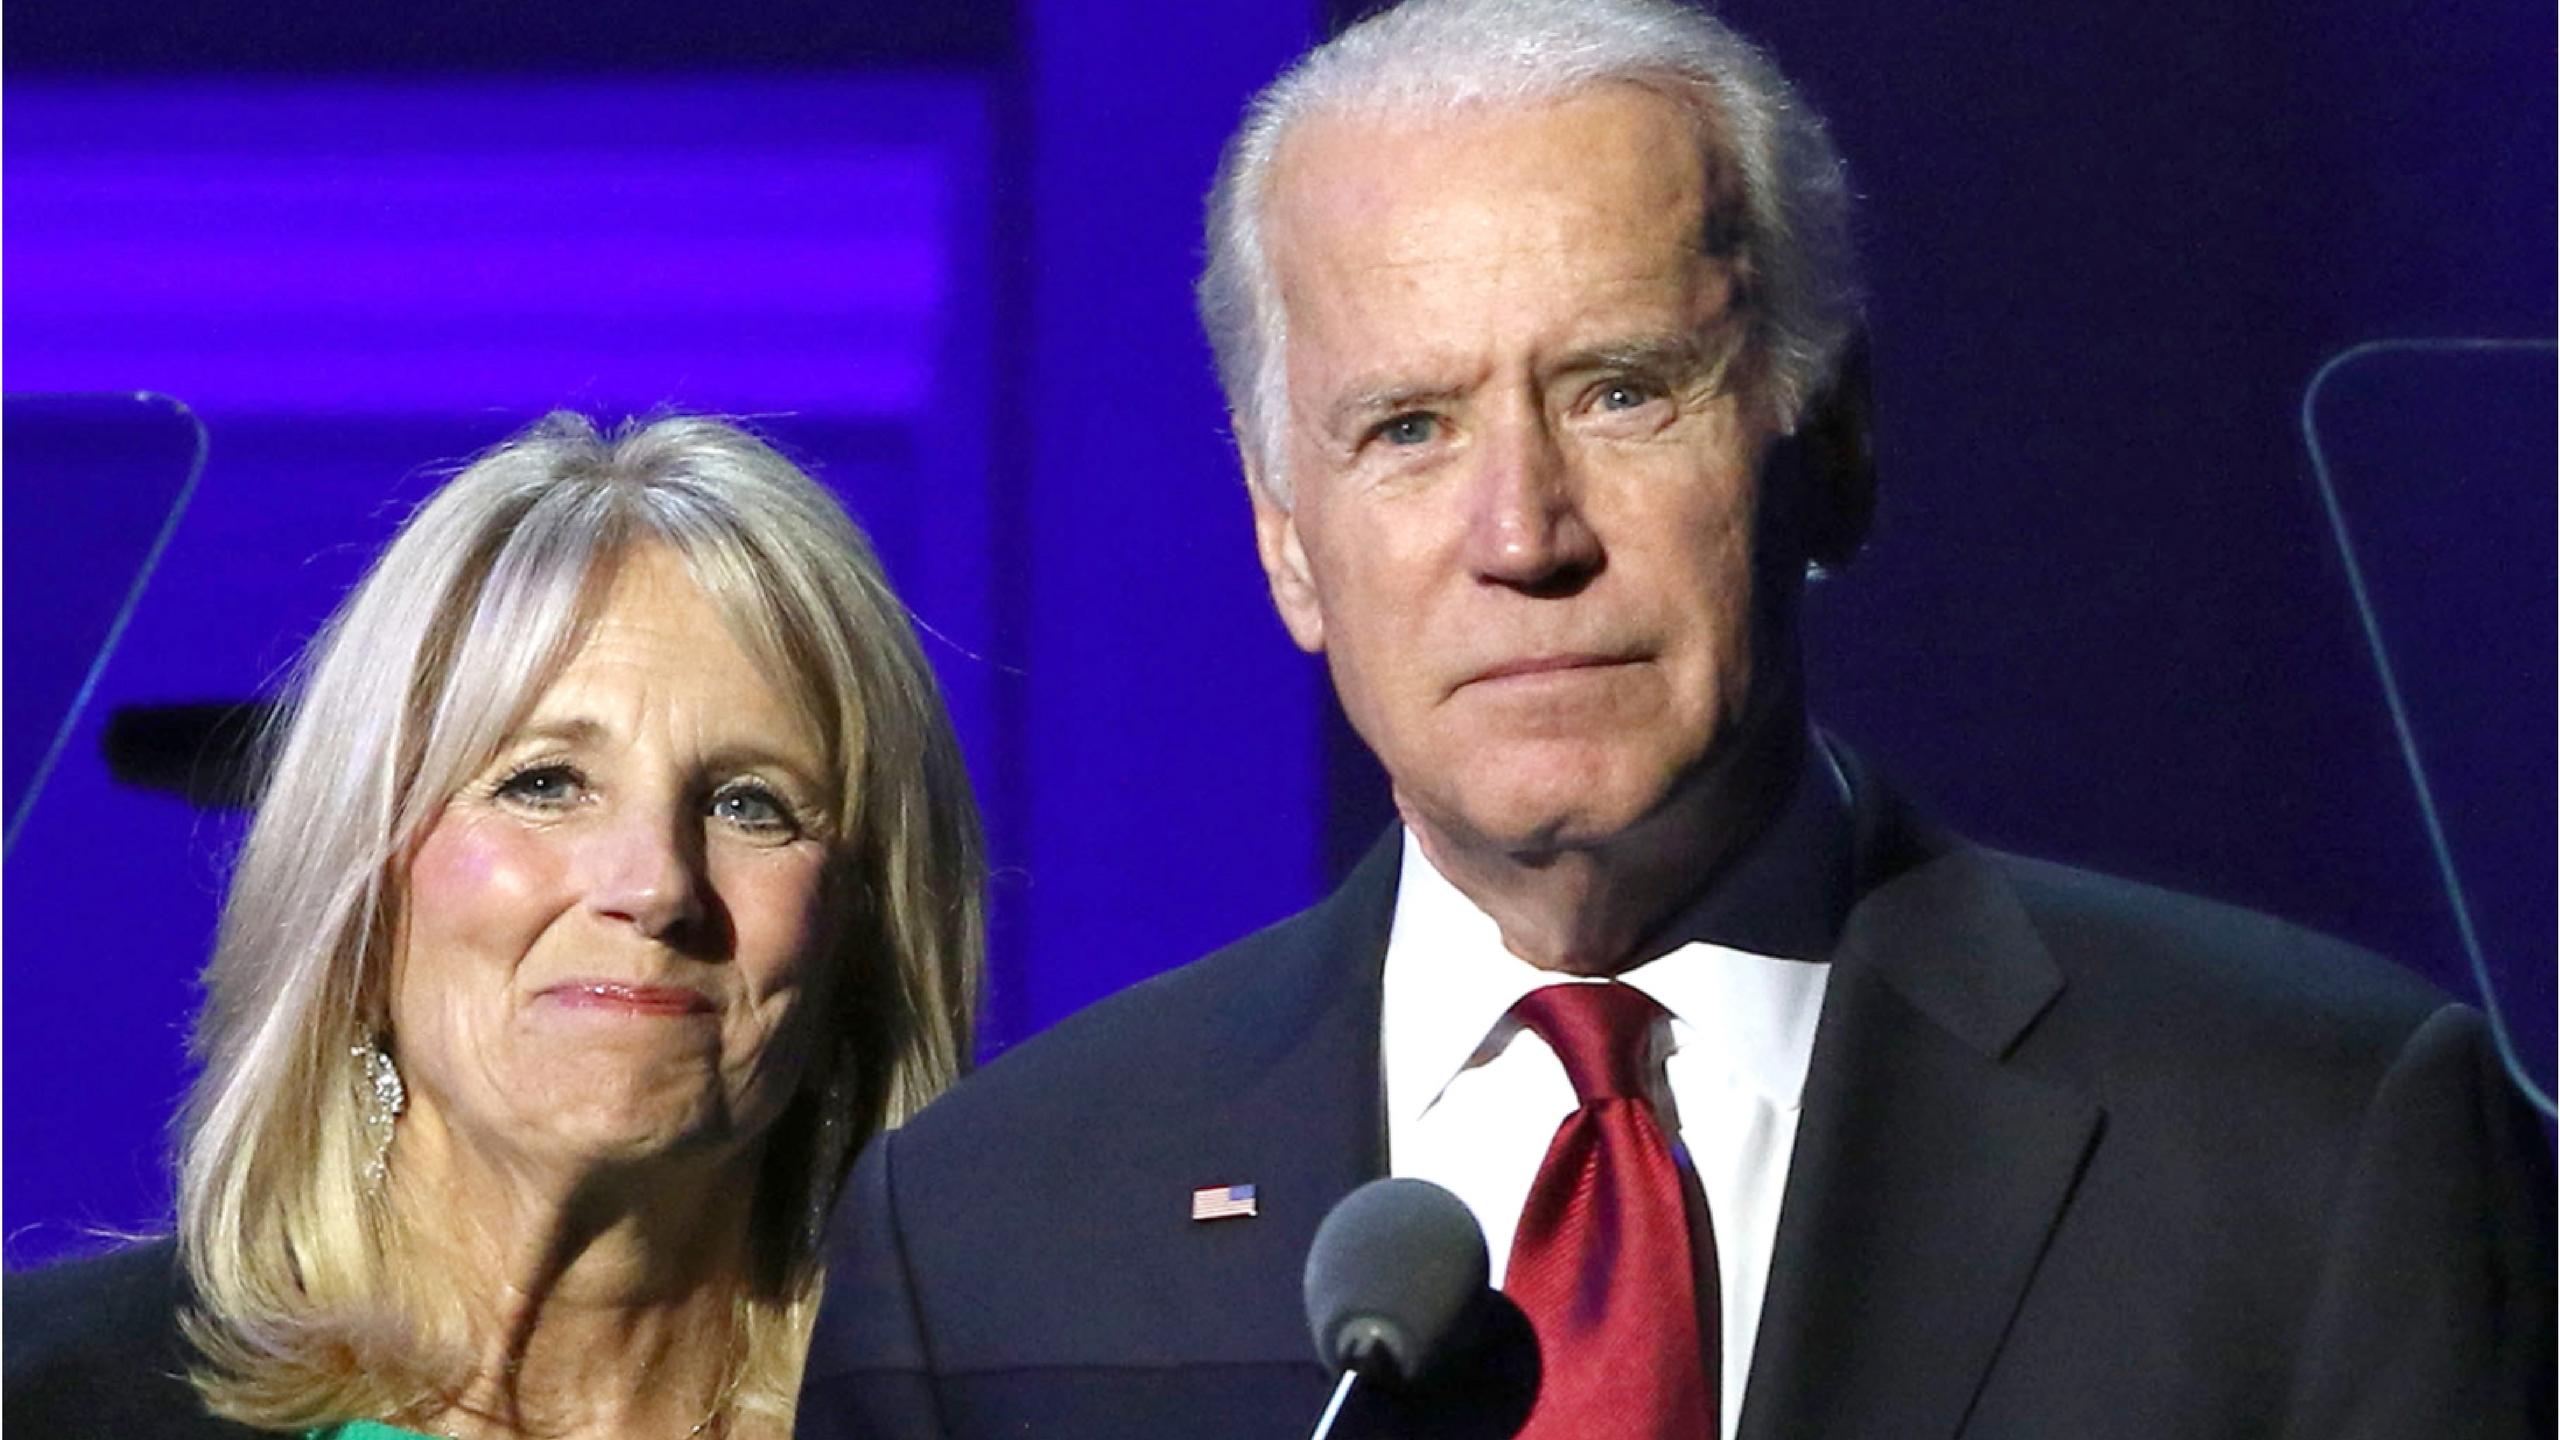 What Is Joe Biden Doing Now?